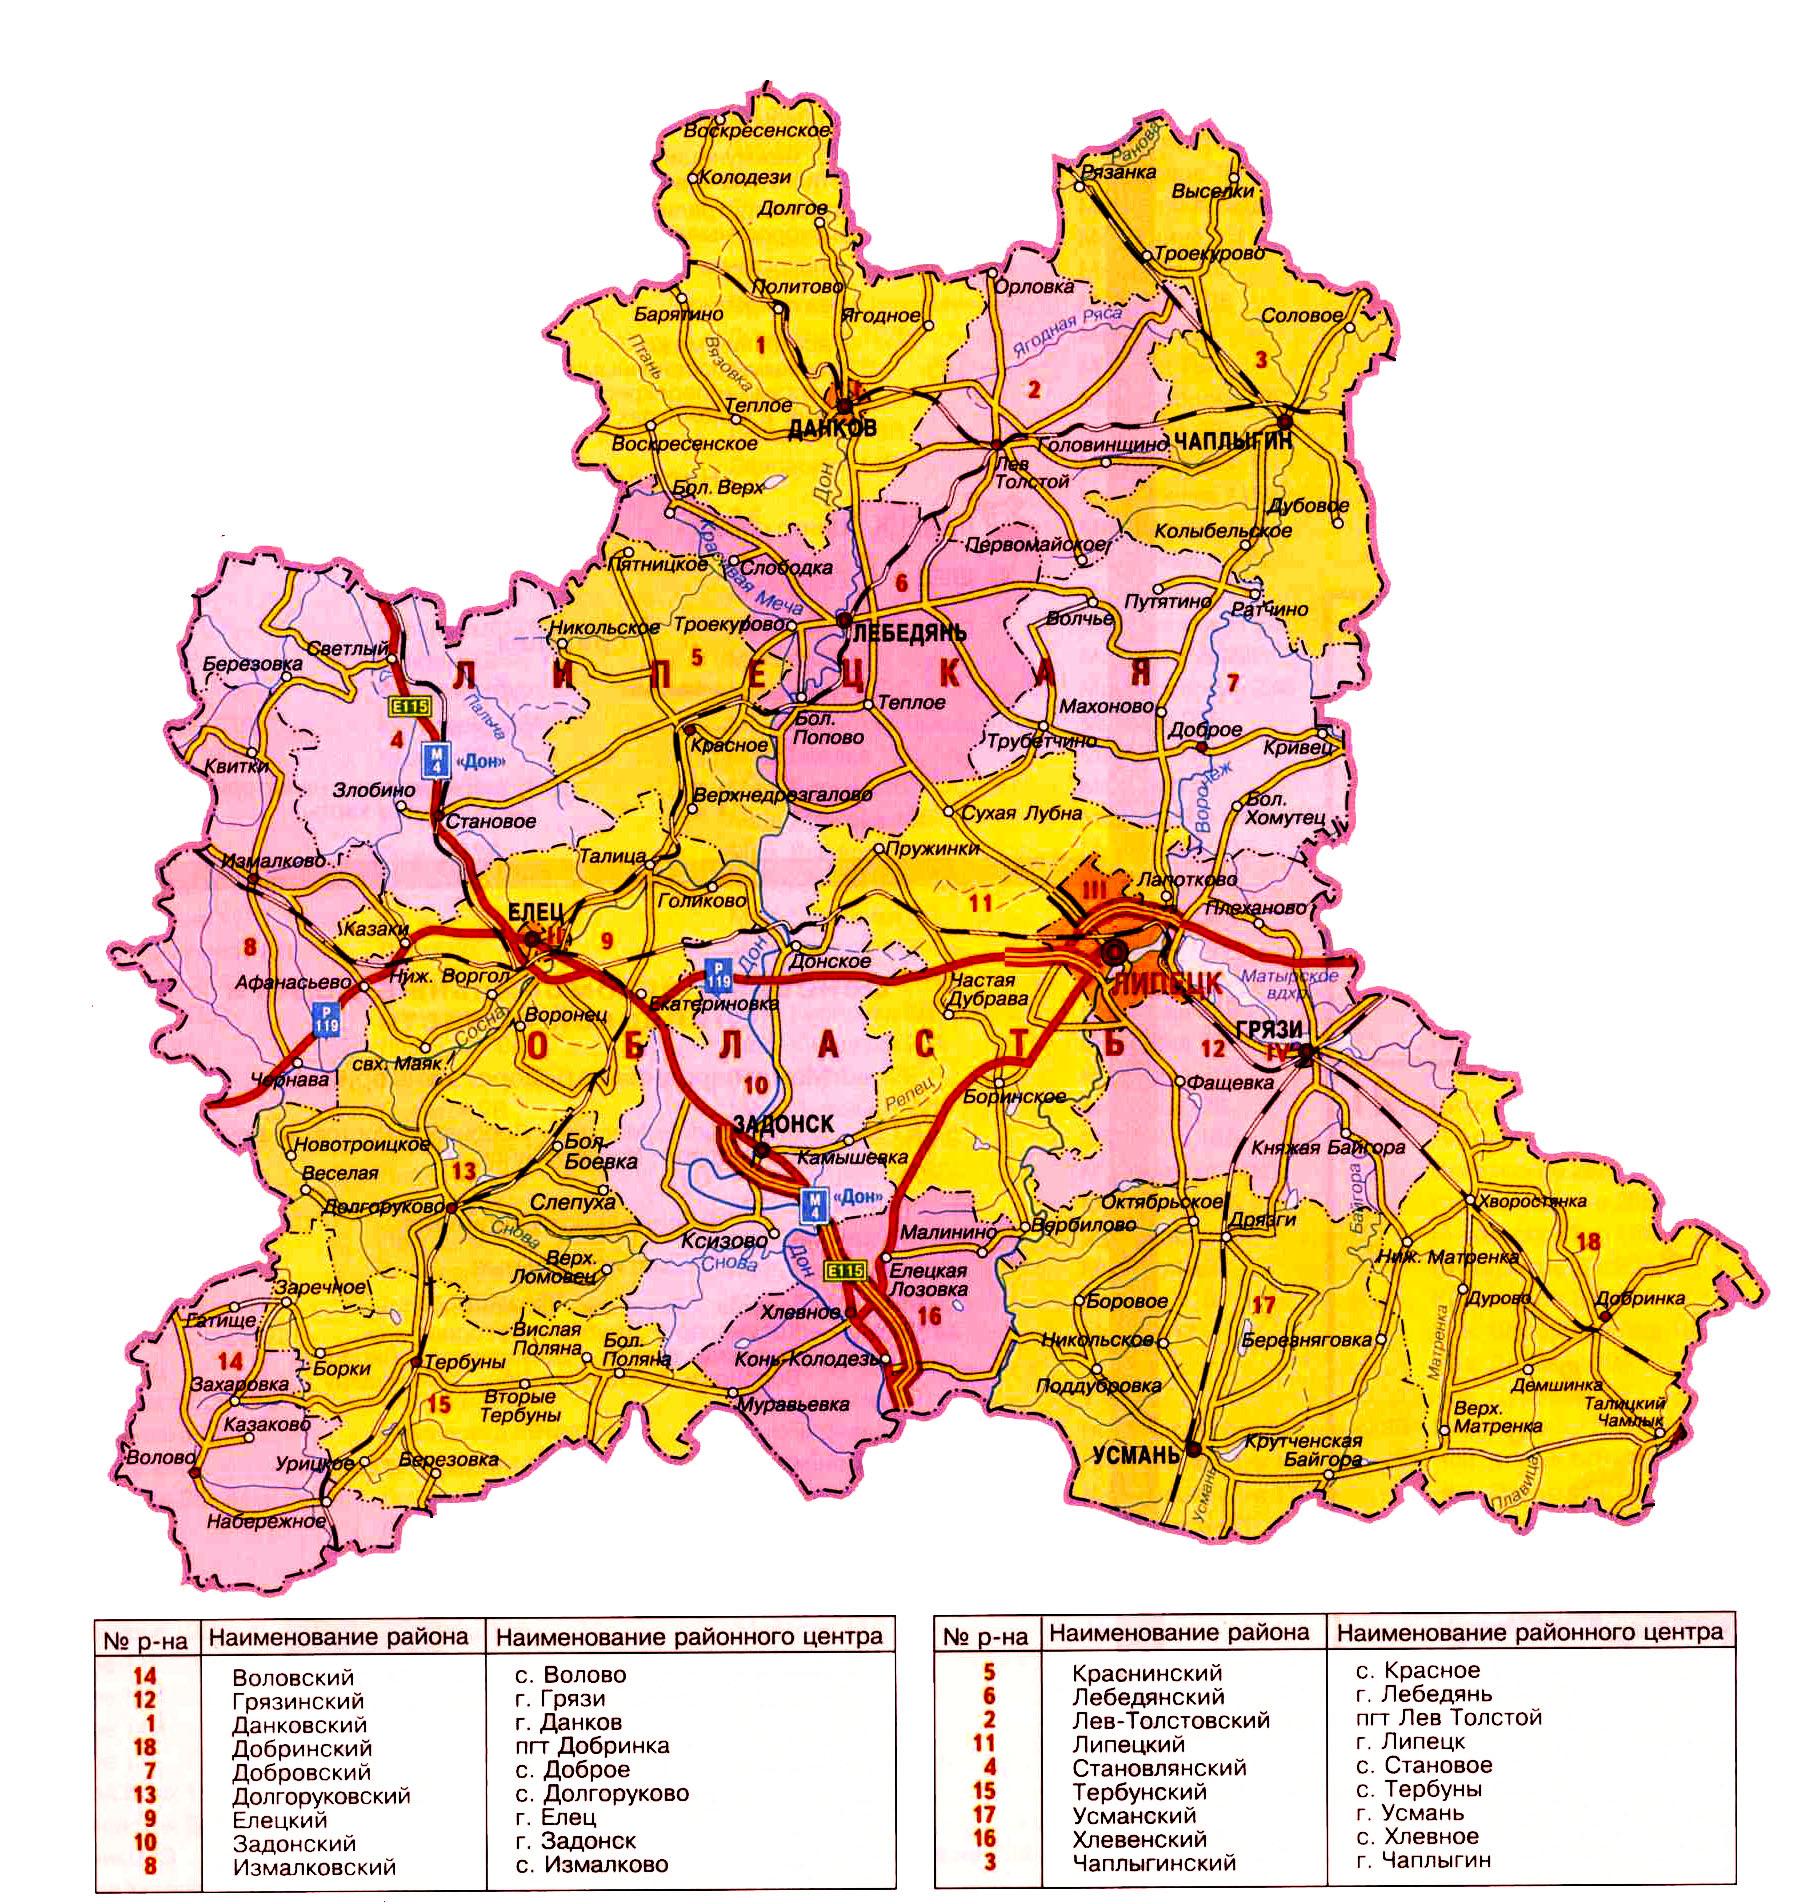 Карта липецкой области по районам.